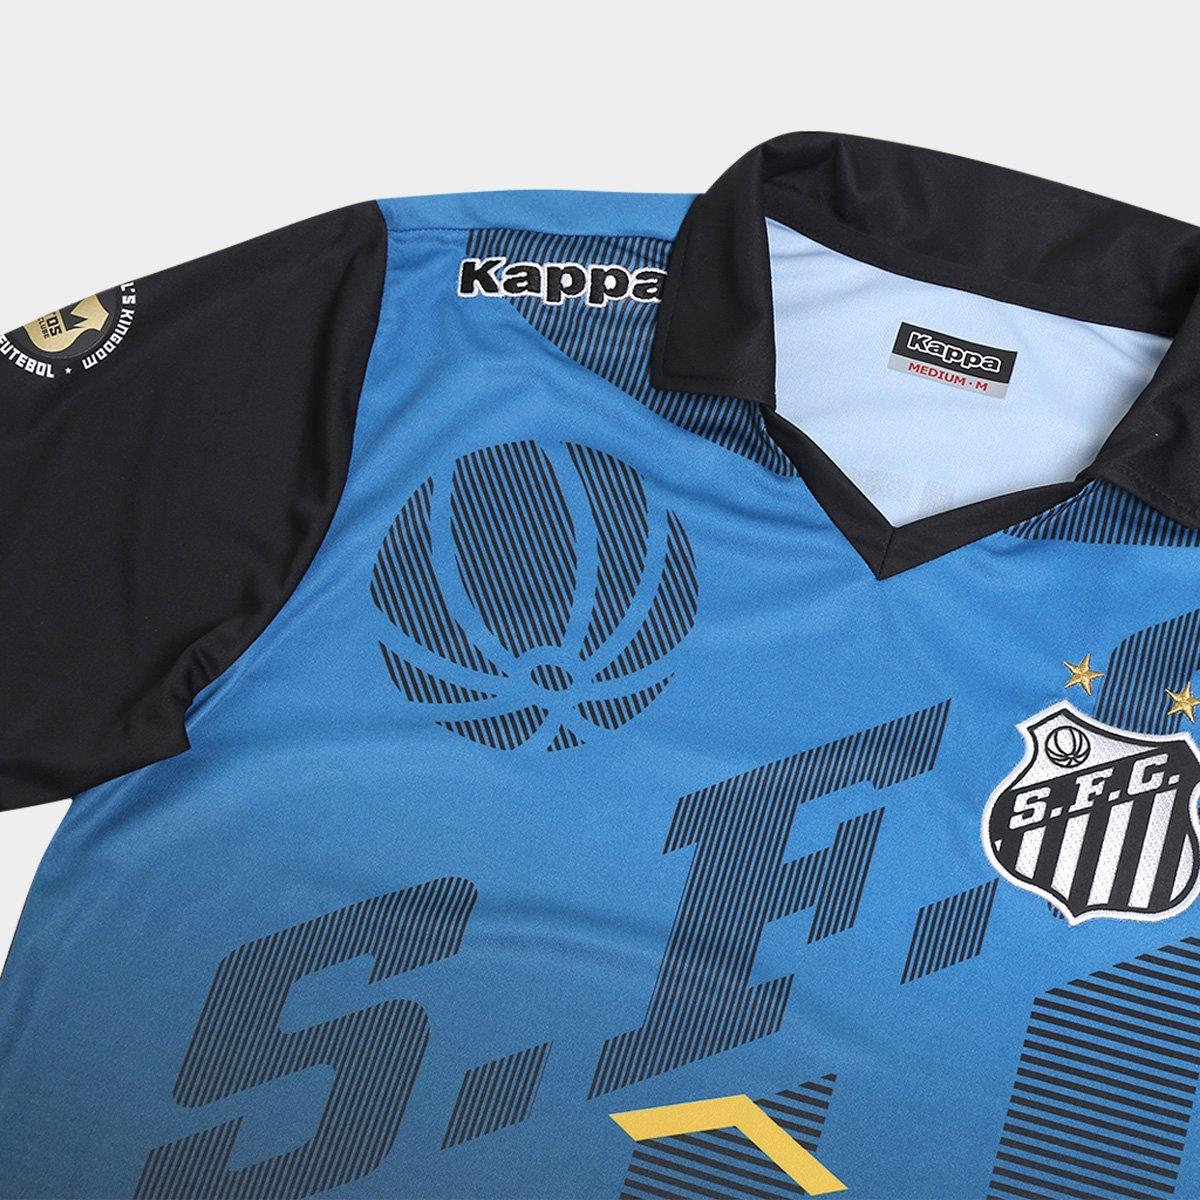 Camisa Polo Santos Viagem Elenco Kappa - Compre Agora  2df977db11242